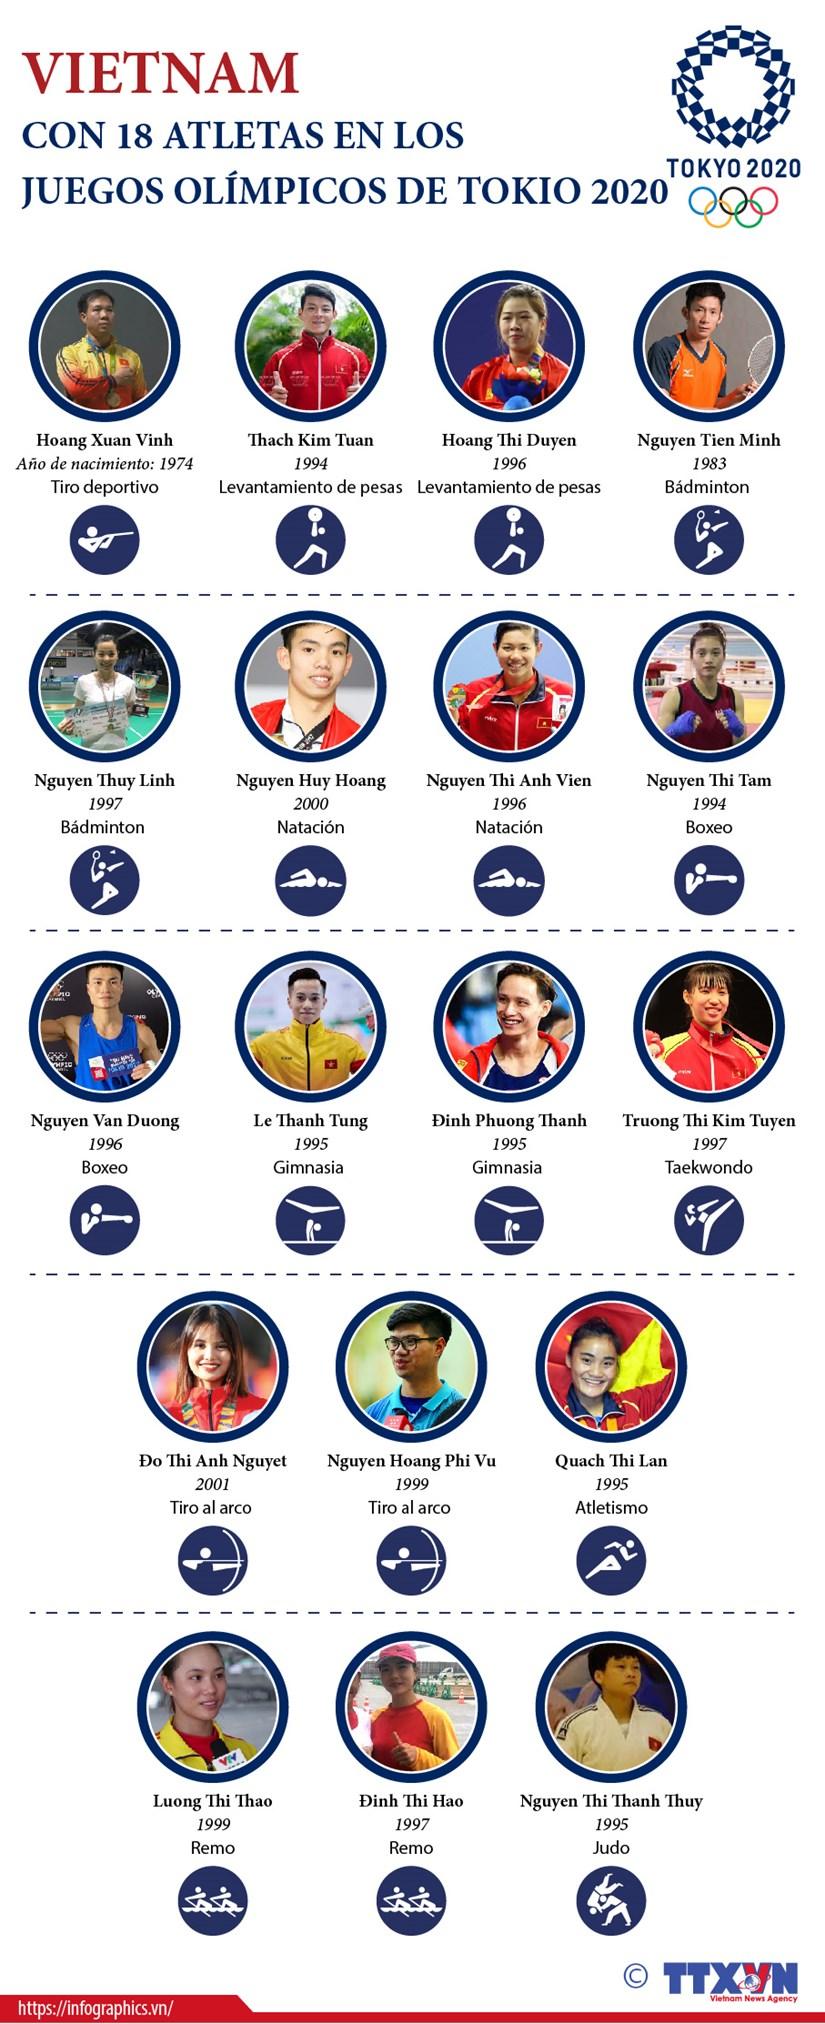 Los 18 atletas vietnamitas que participan en los Juegos Olimpicos de Tokio hinh anh 1